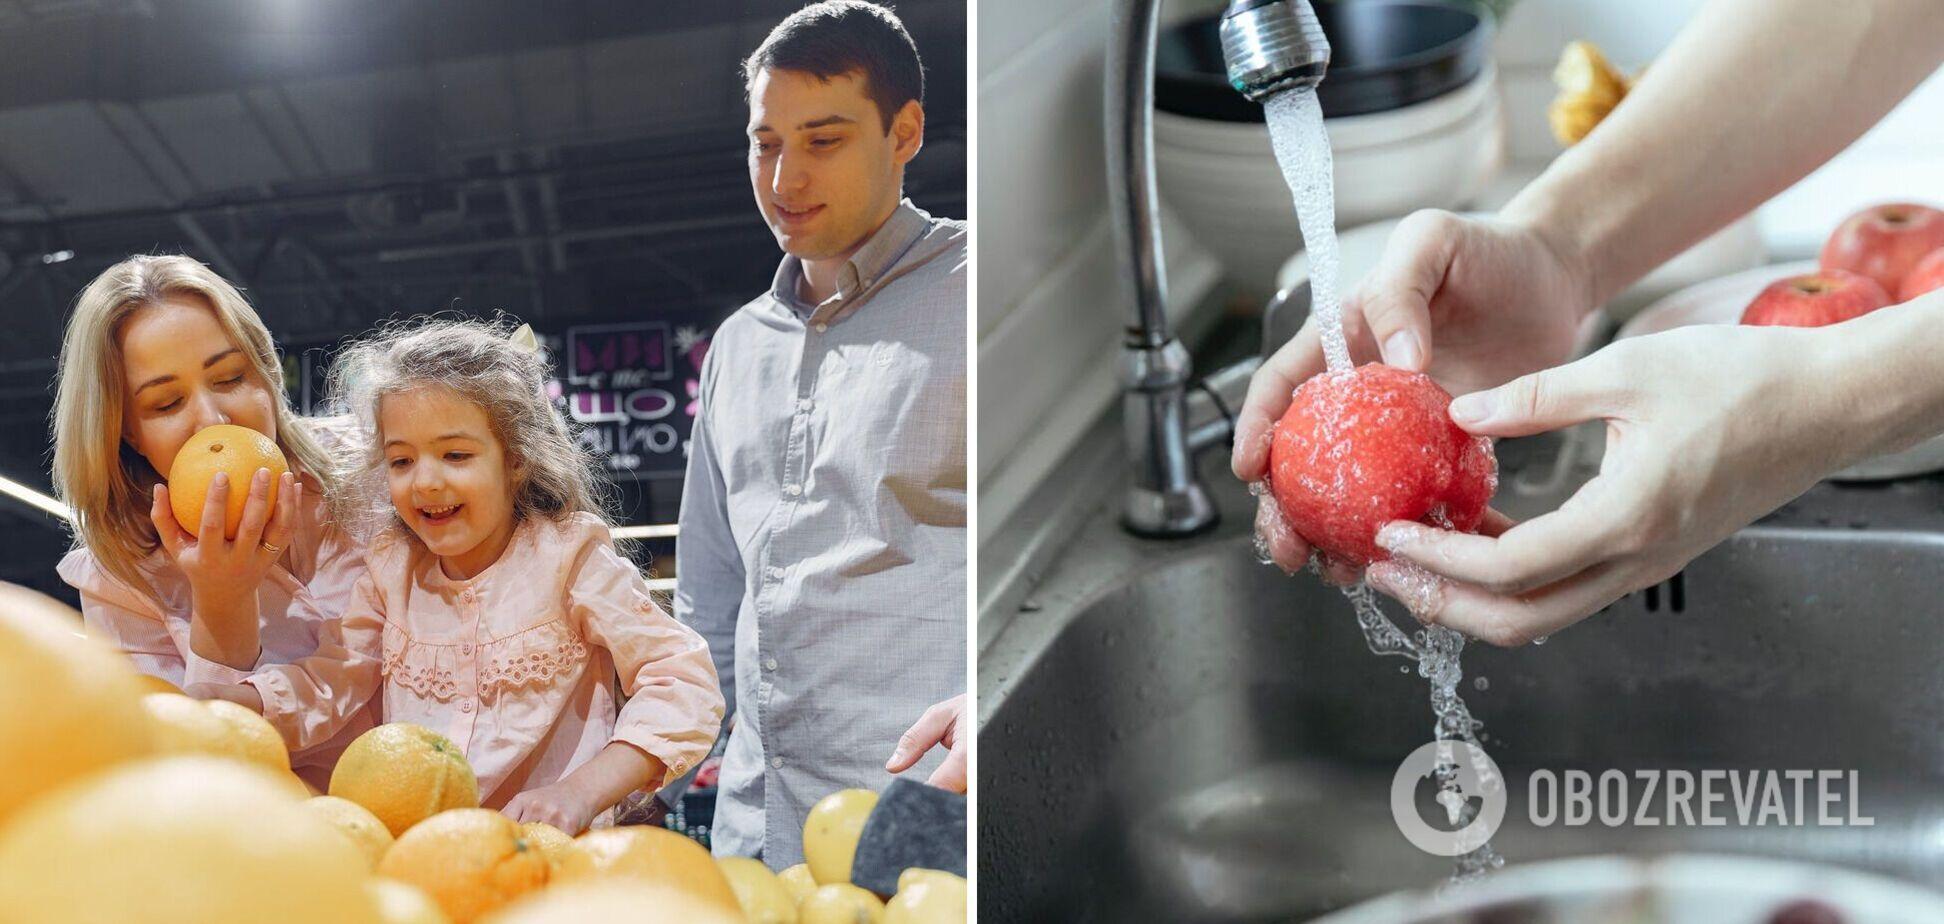 Які продукти не можна мити перед приготуванням – пояснює експерт